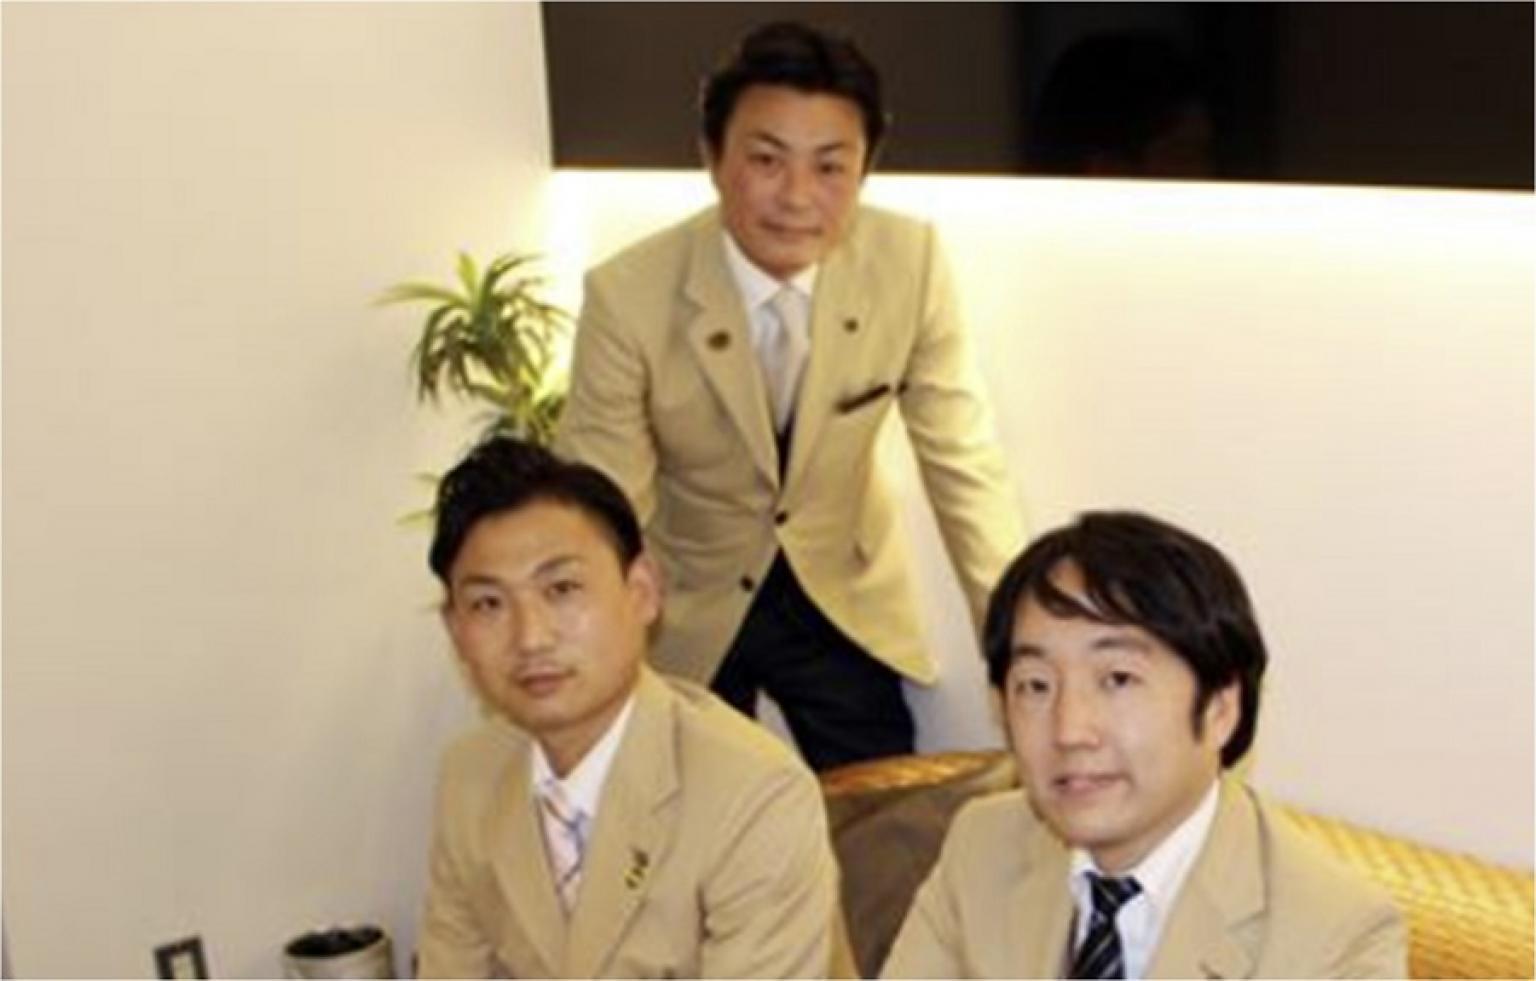 センチュリー21 株式会社コアステージ